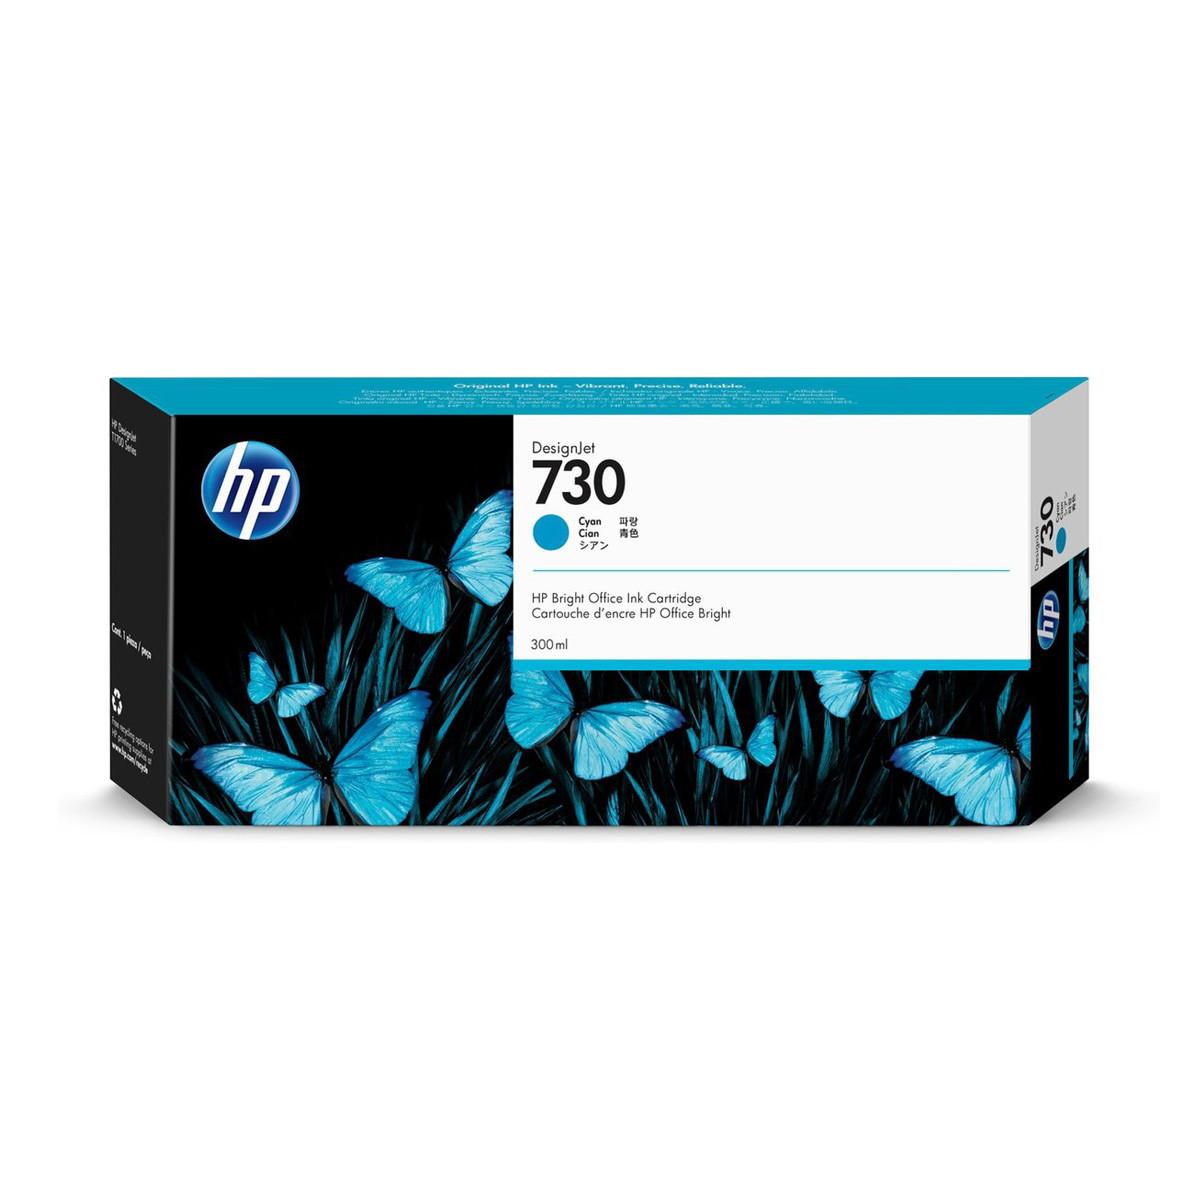 Cartucho de Tinta HP 730 Ciano P2V68A | Plotter HP T1600 T1700 | Original 300ml